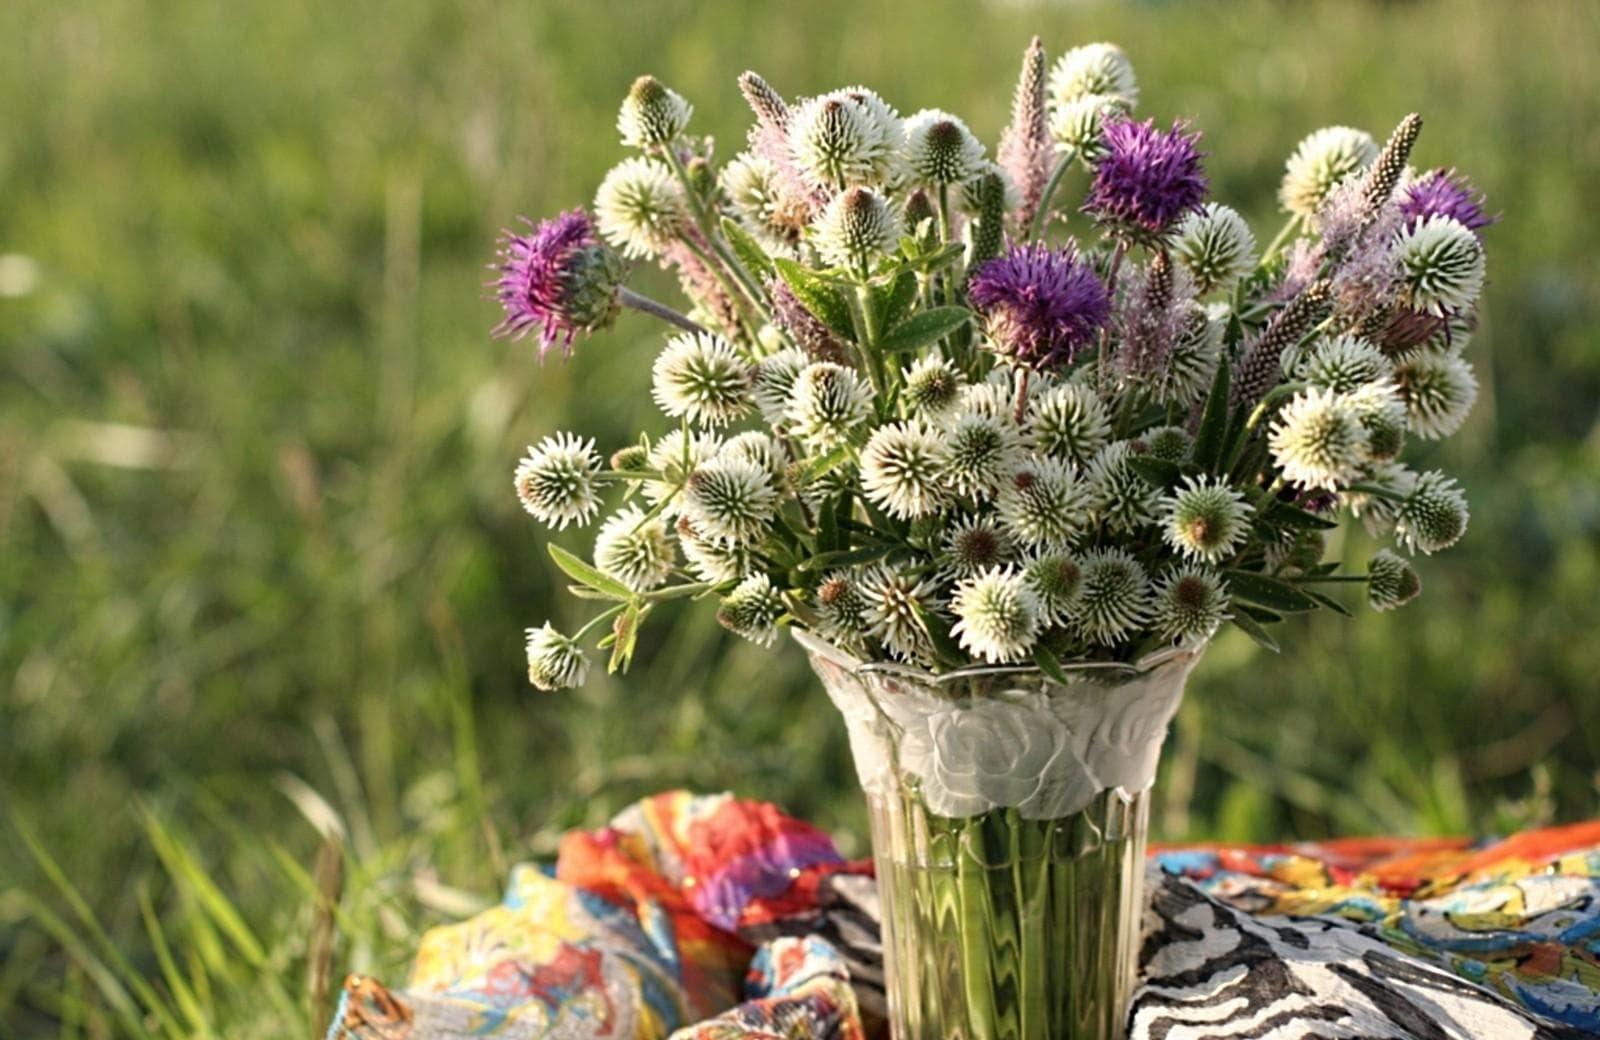 Panadol boleh buat bunga hidup tahan lama?